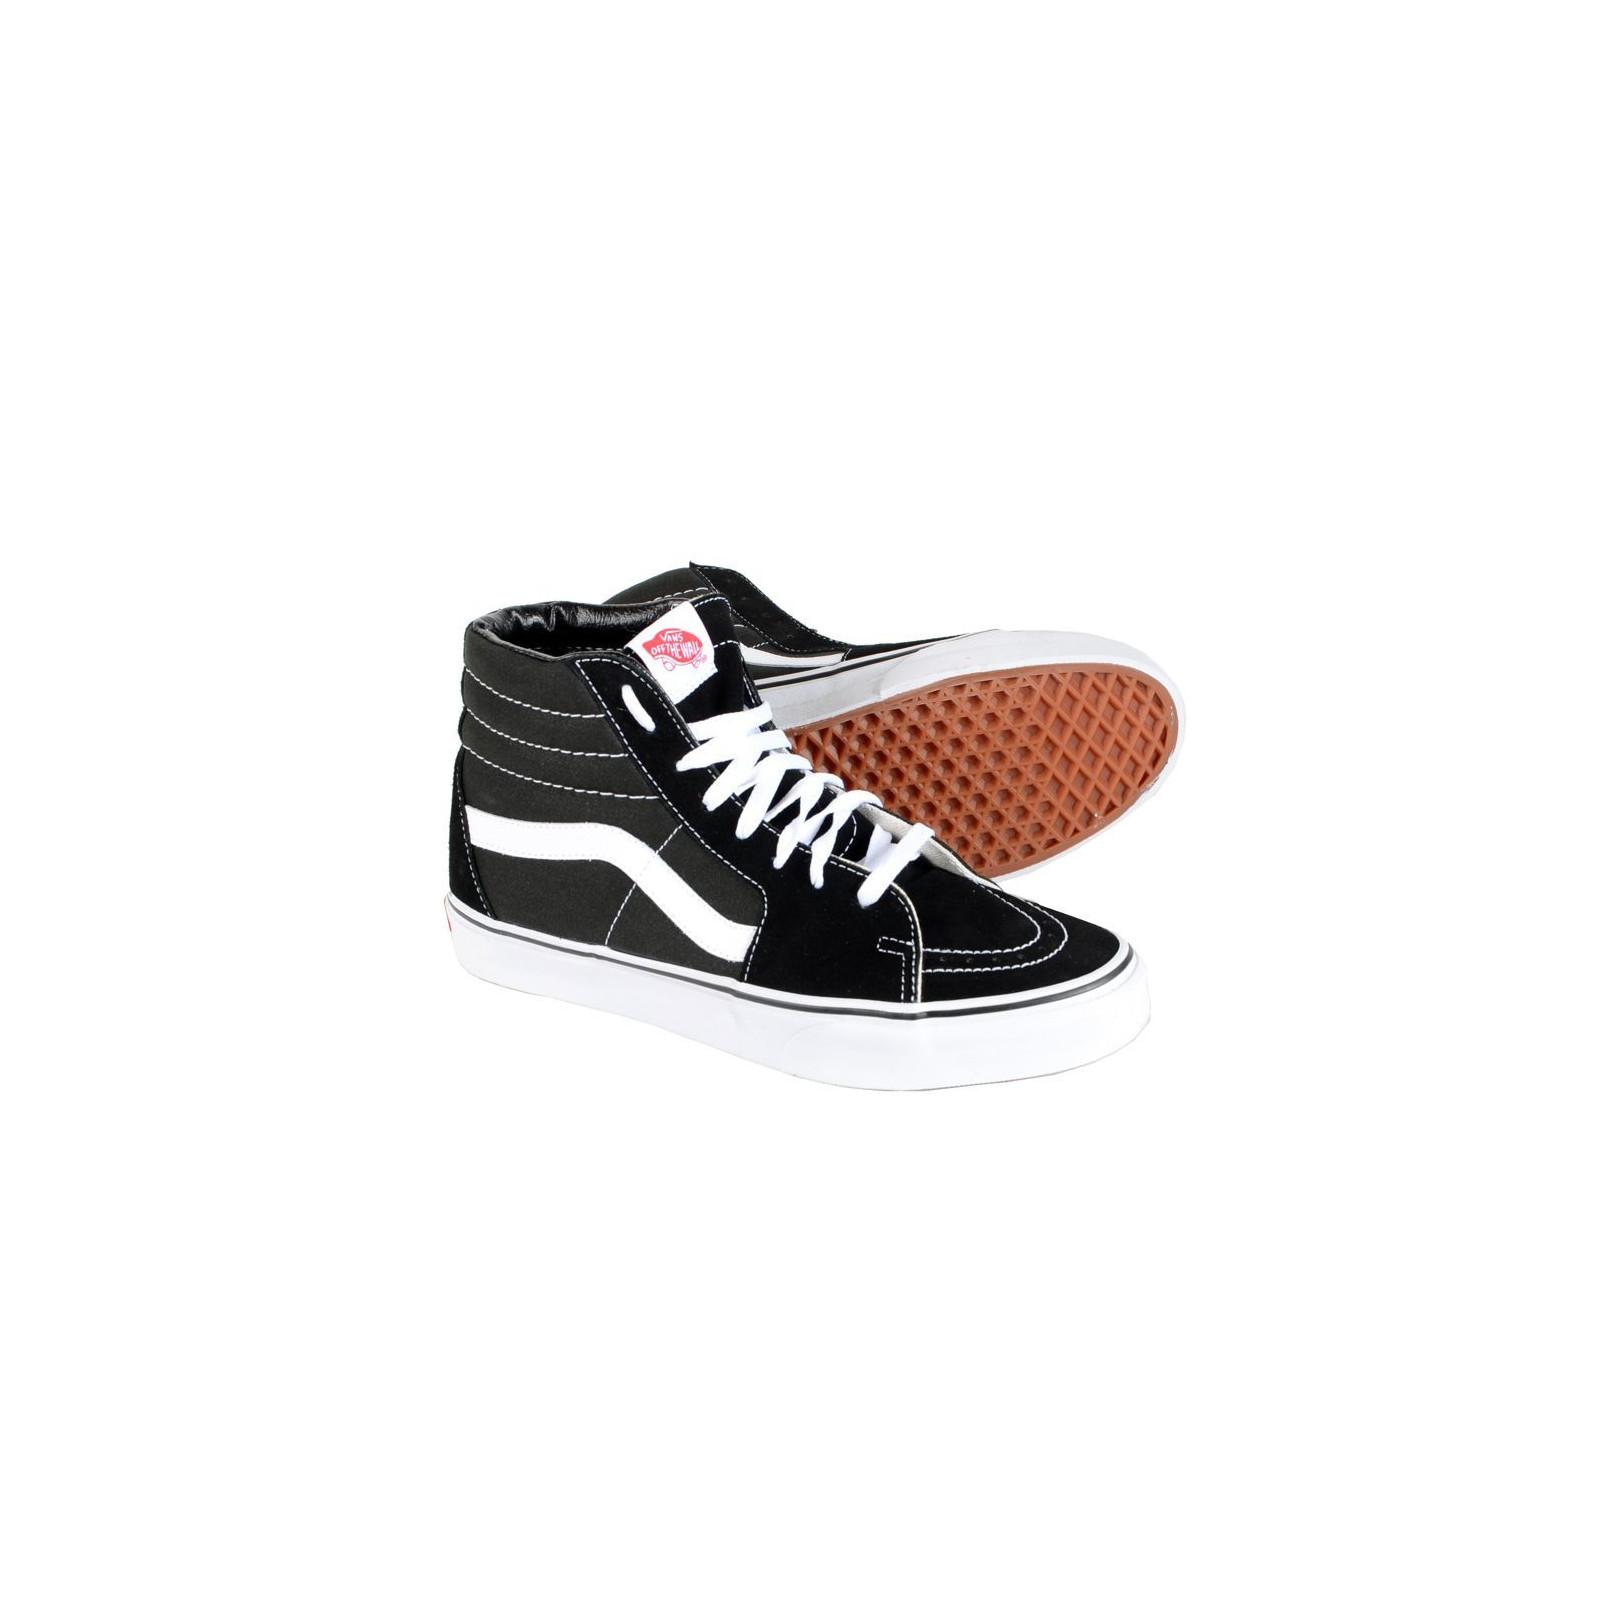 Baskets Vans Montantes SK8-HI Noir / Blanc